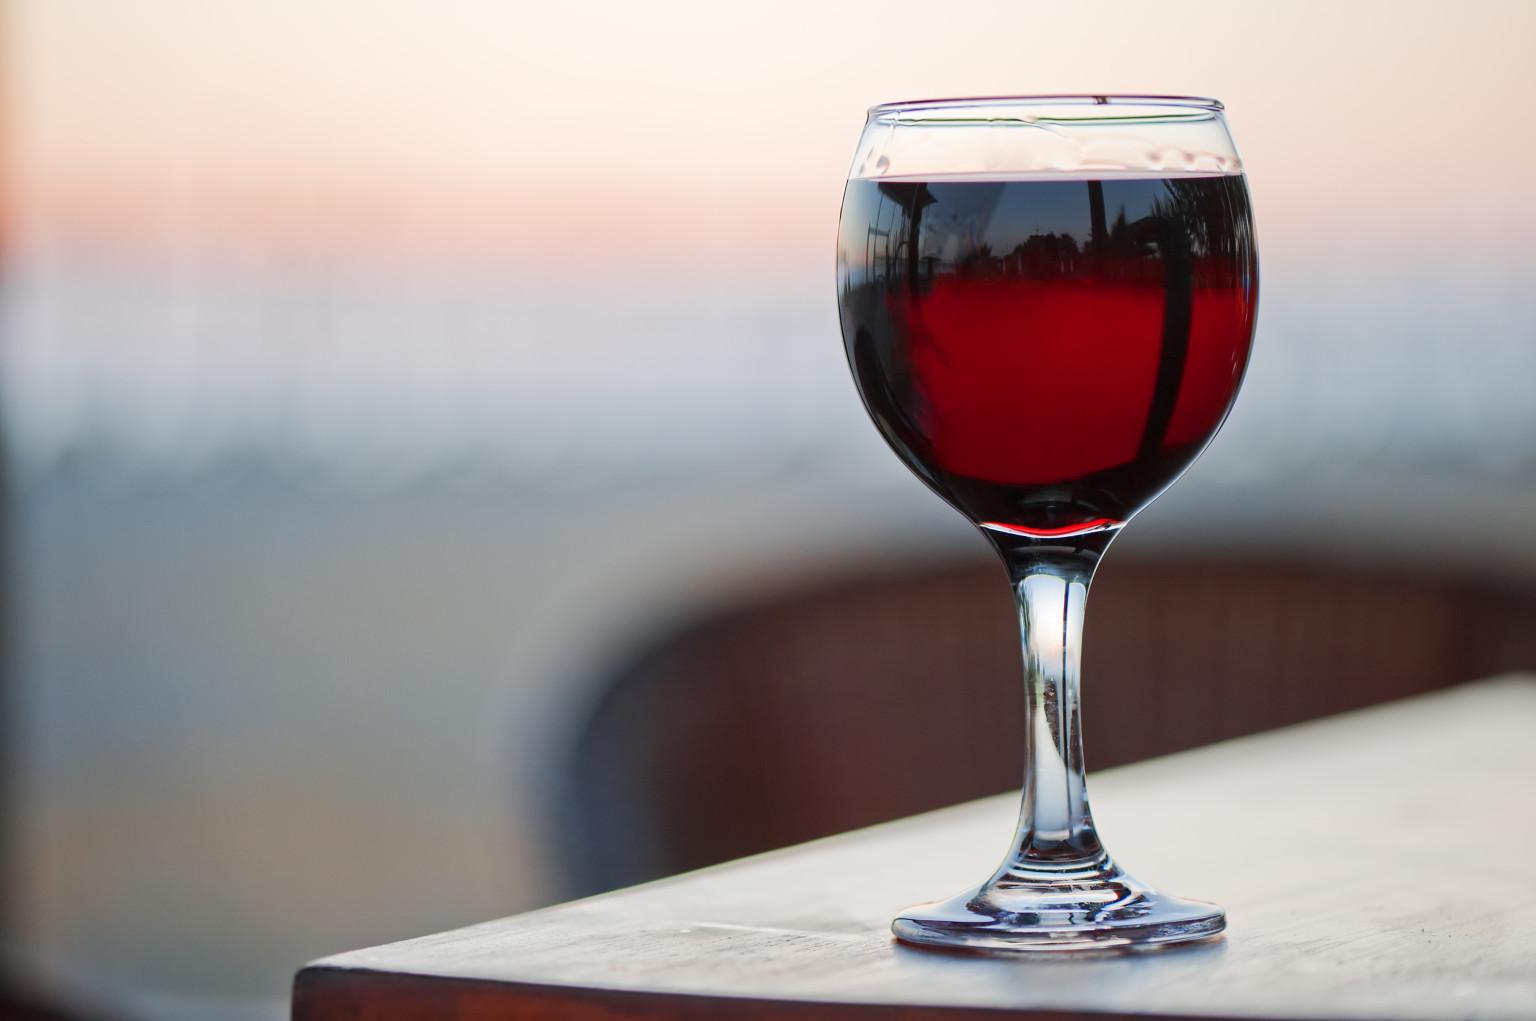 1-kako-pravilno-da-gi-chistite-skapite-chashi-za-vino-www.kafepauza.mk_